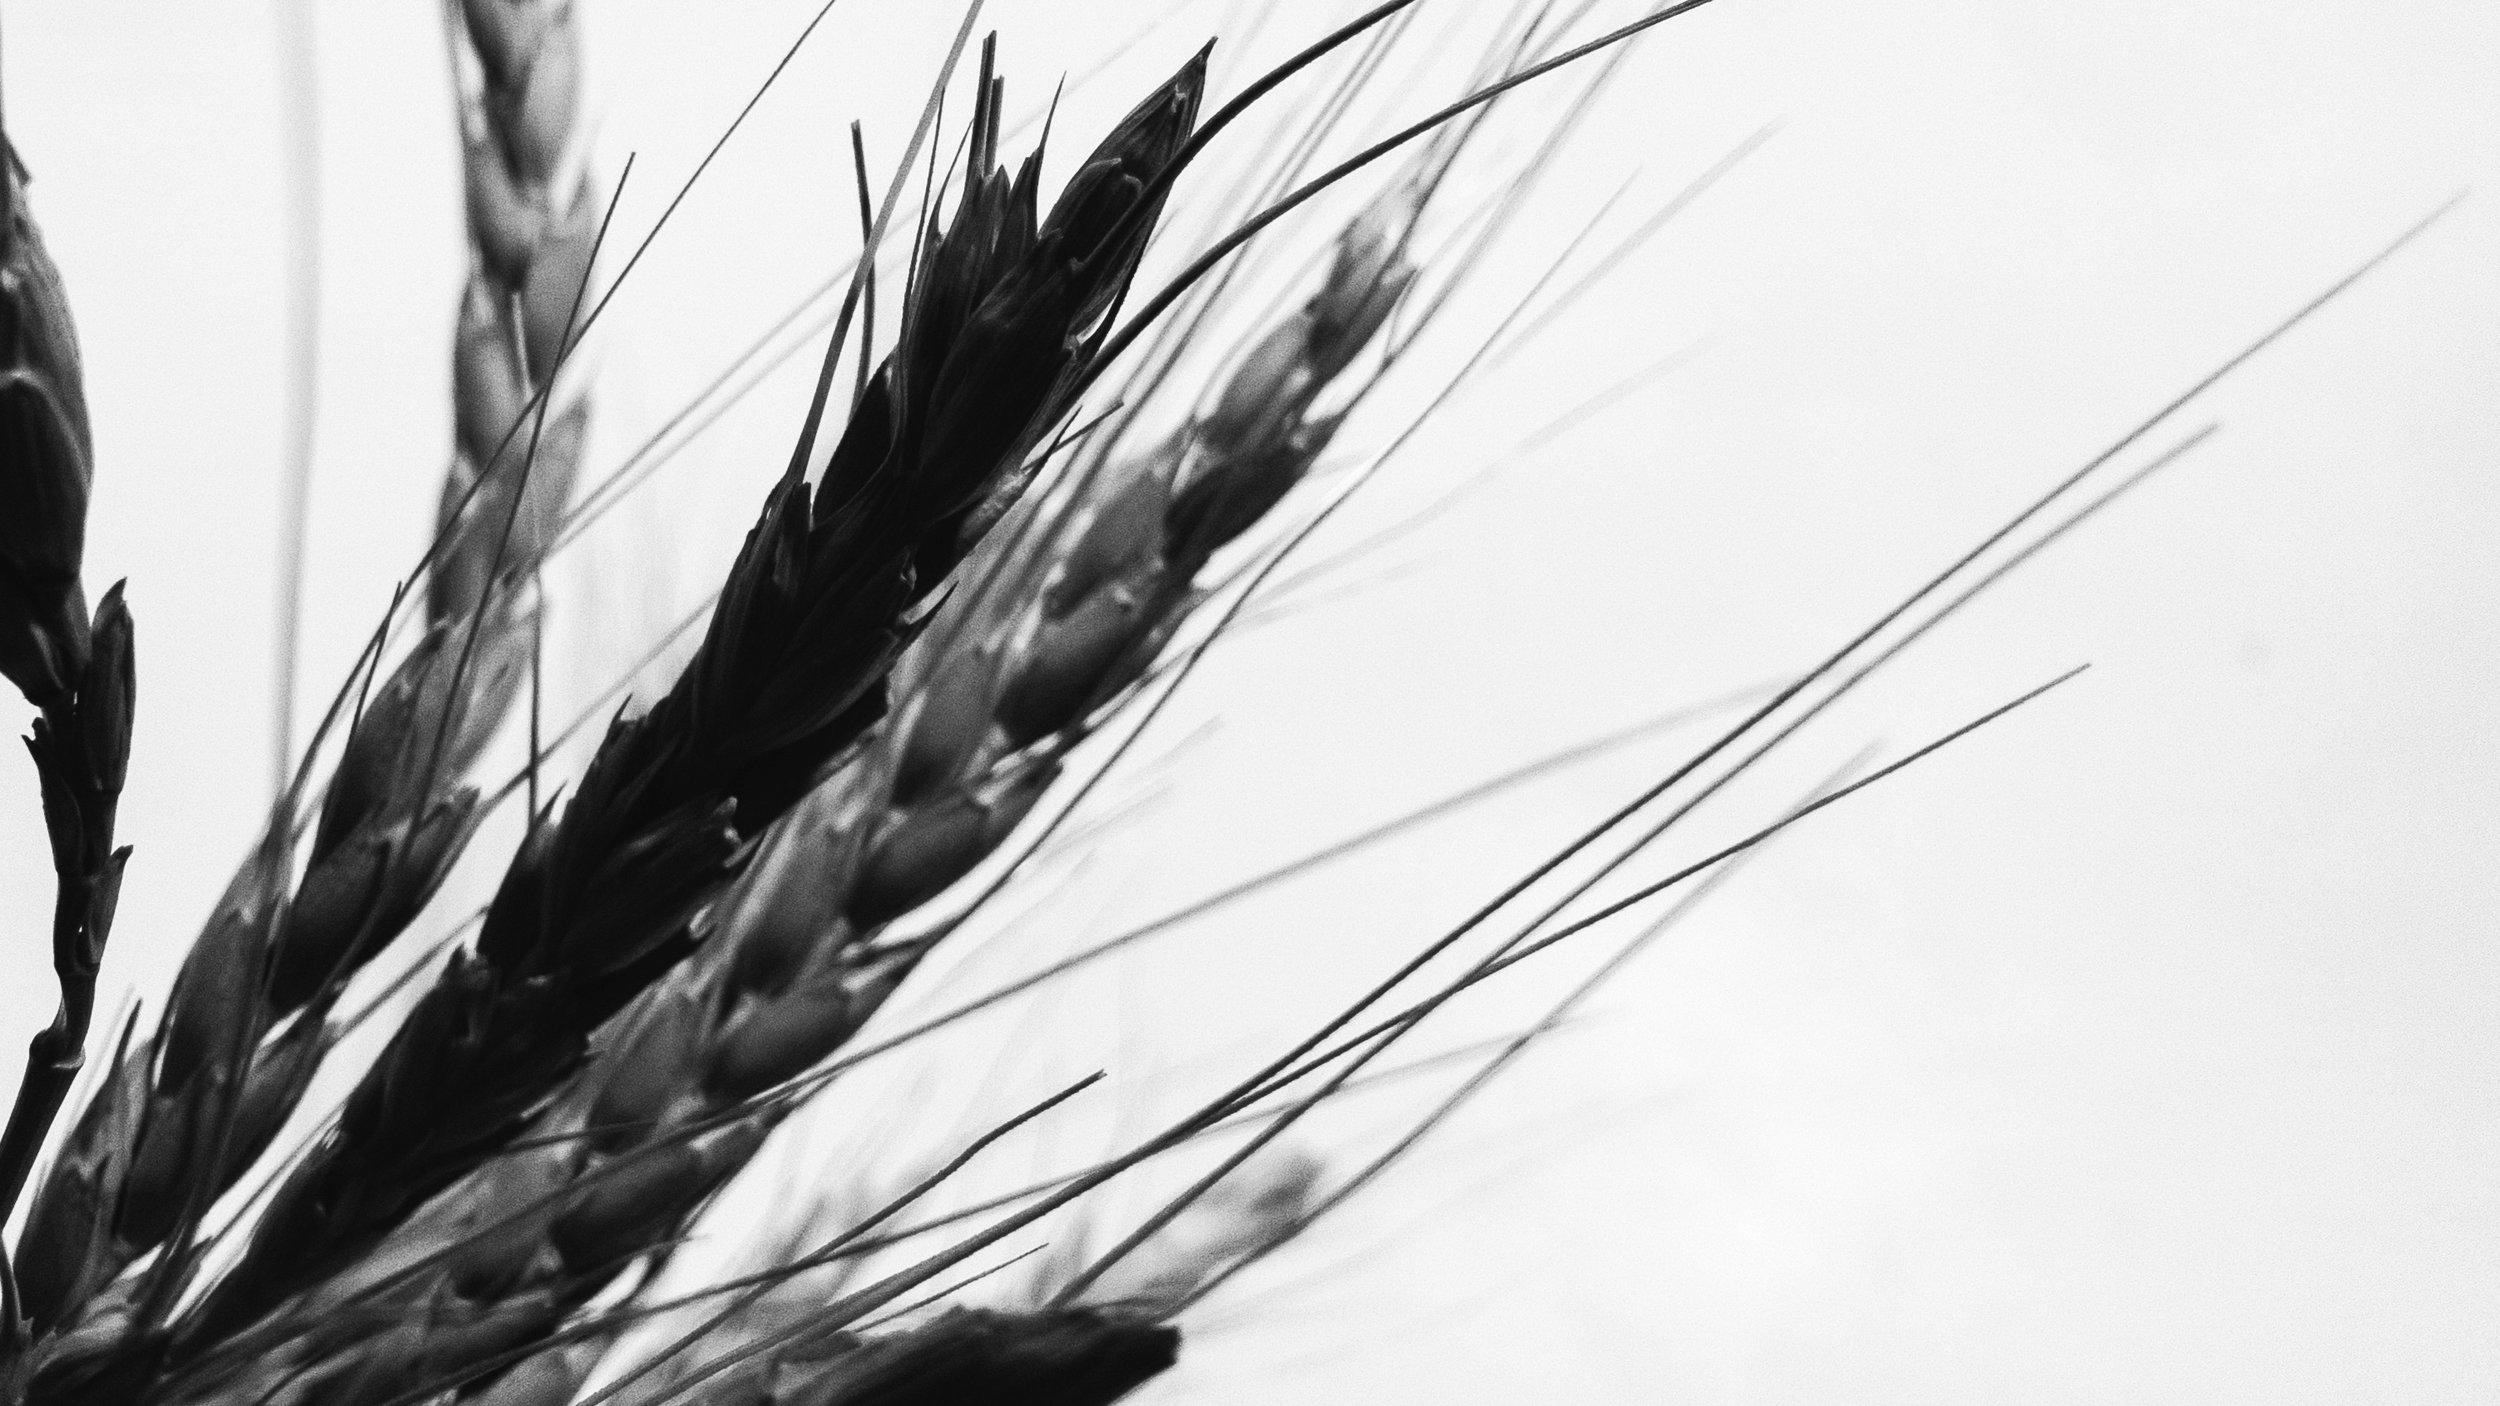 Cooked Farro Grain -